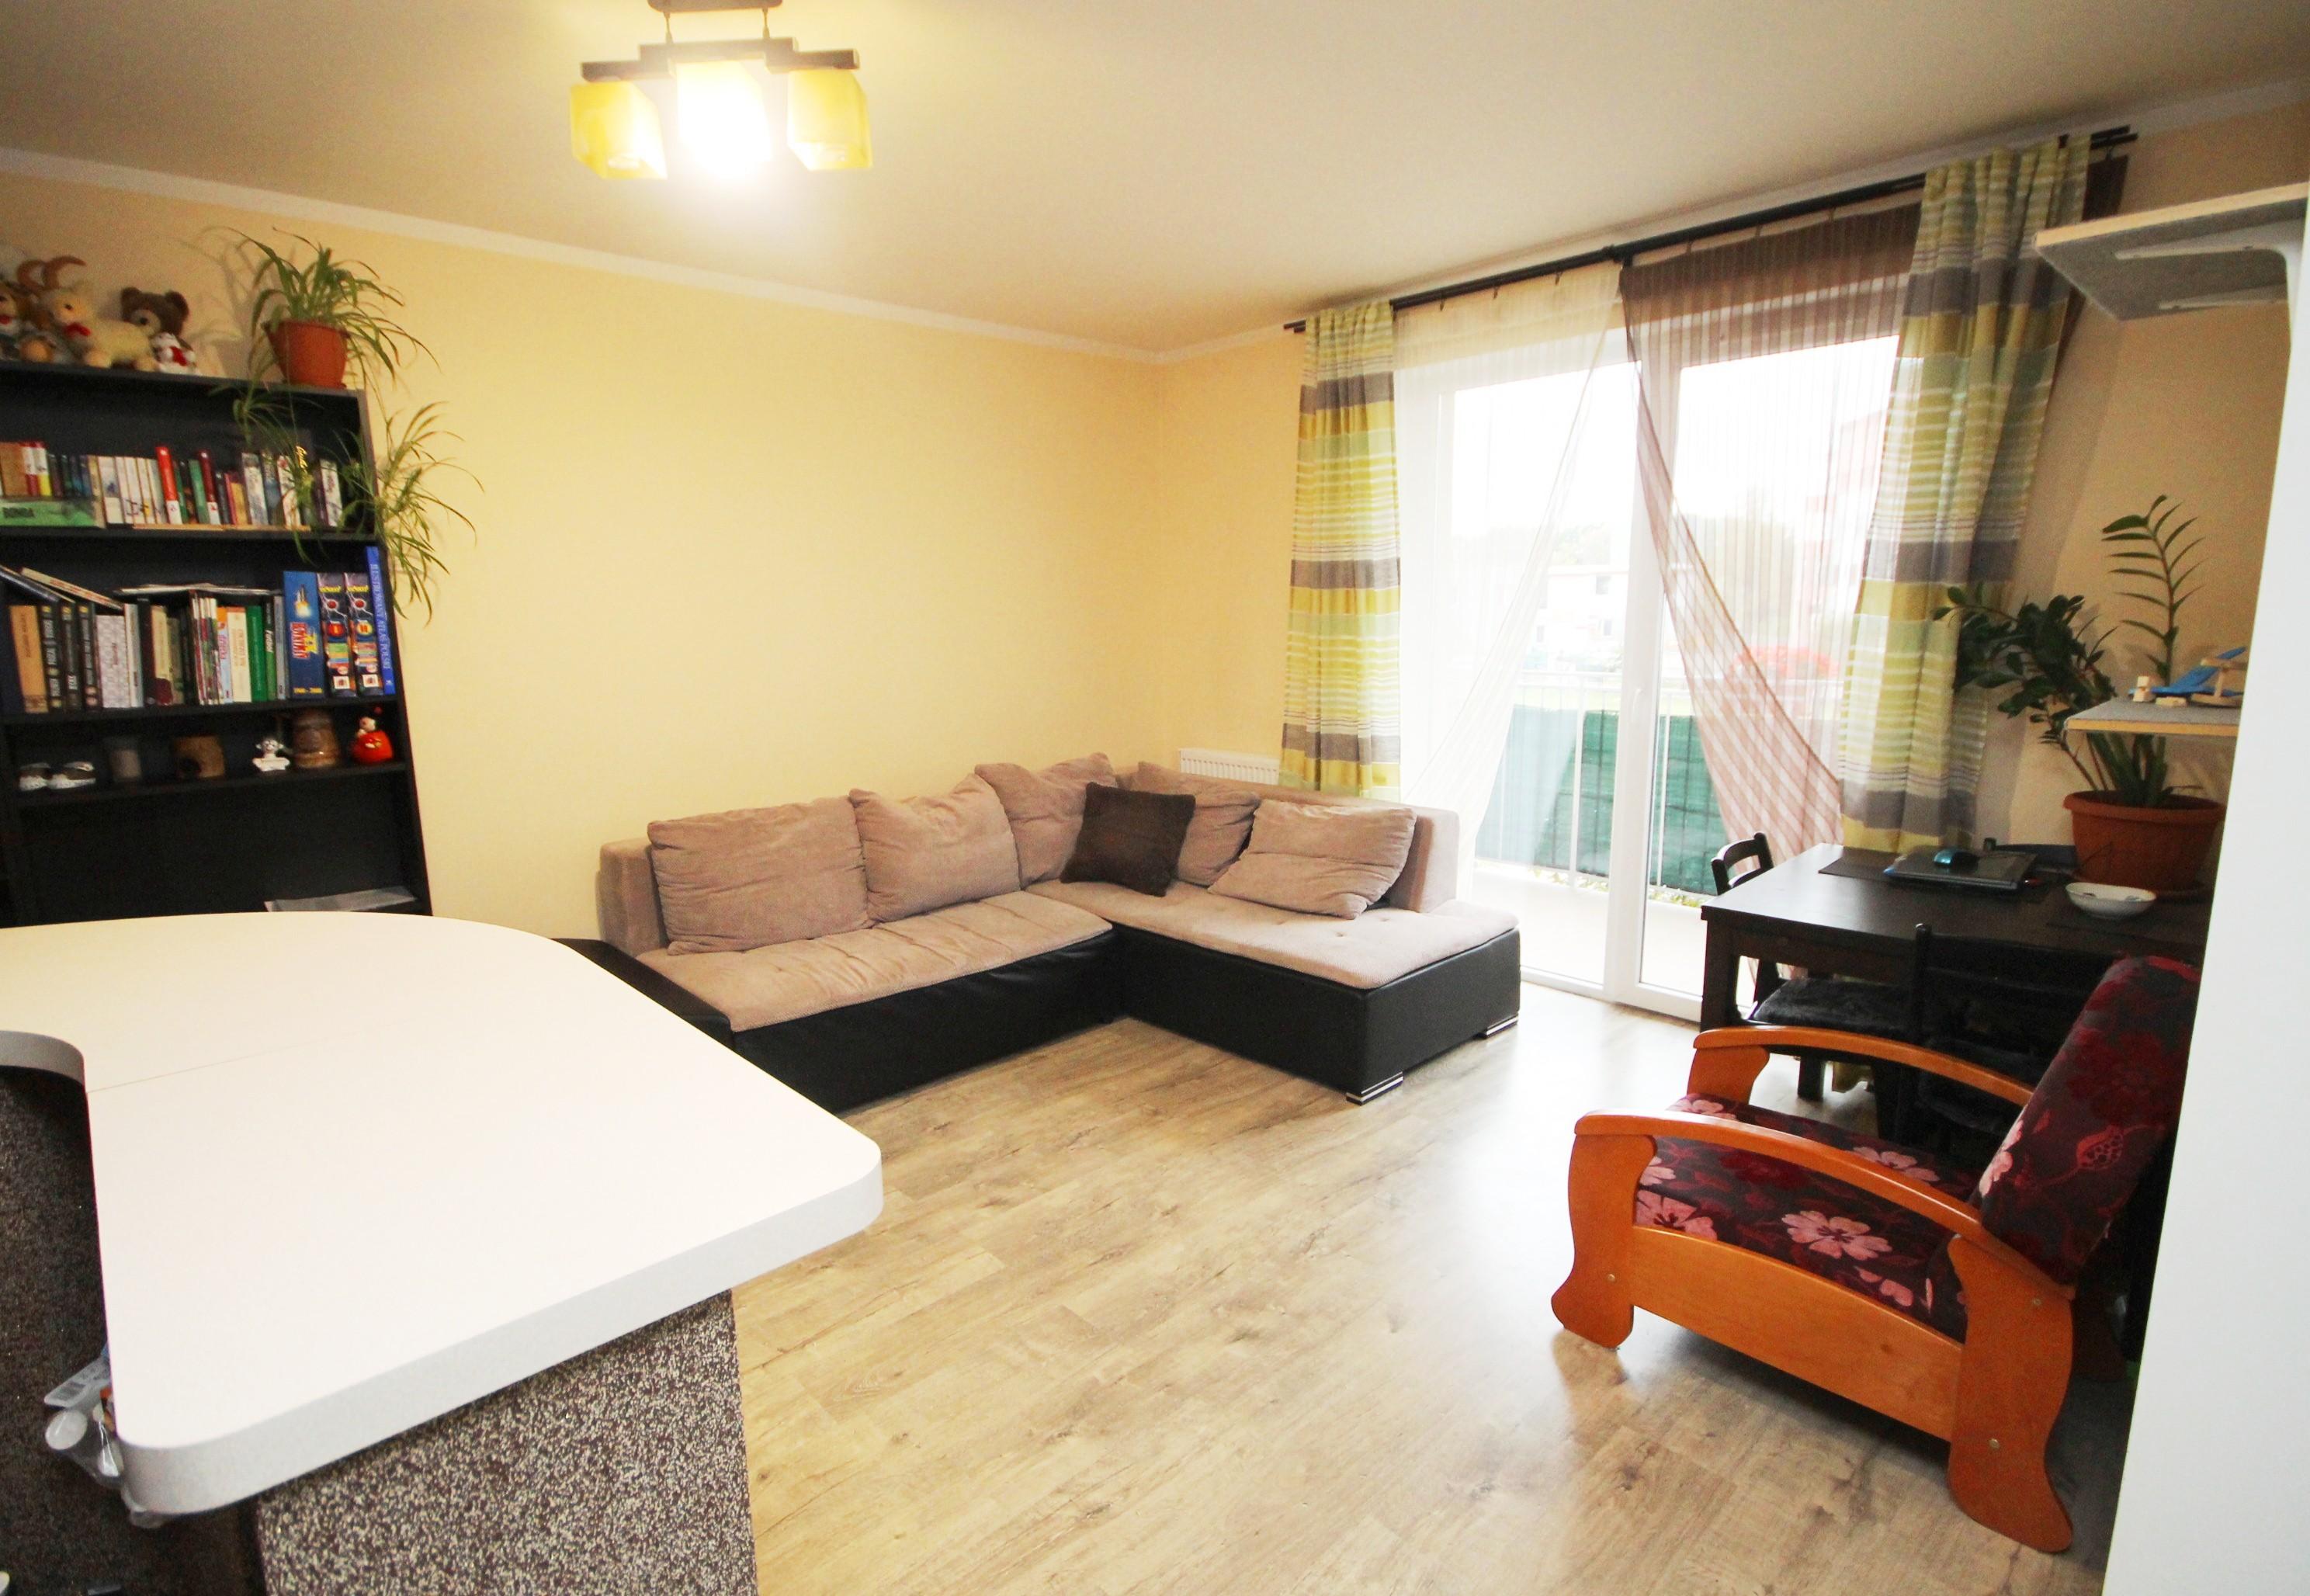 Mieszkanie-Brzeg-